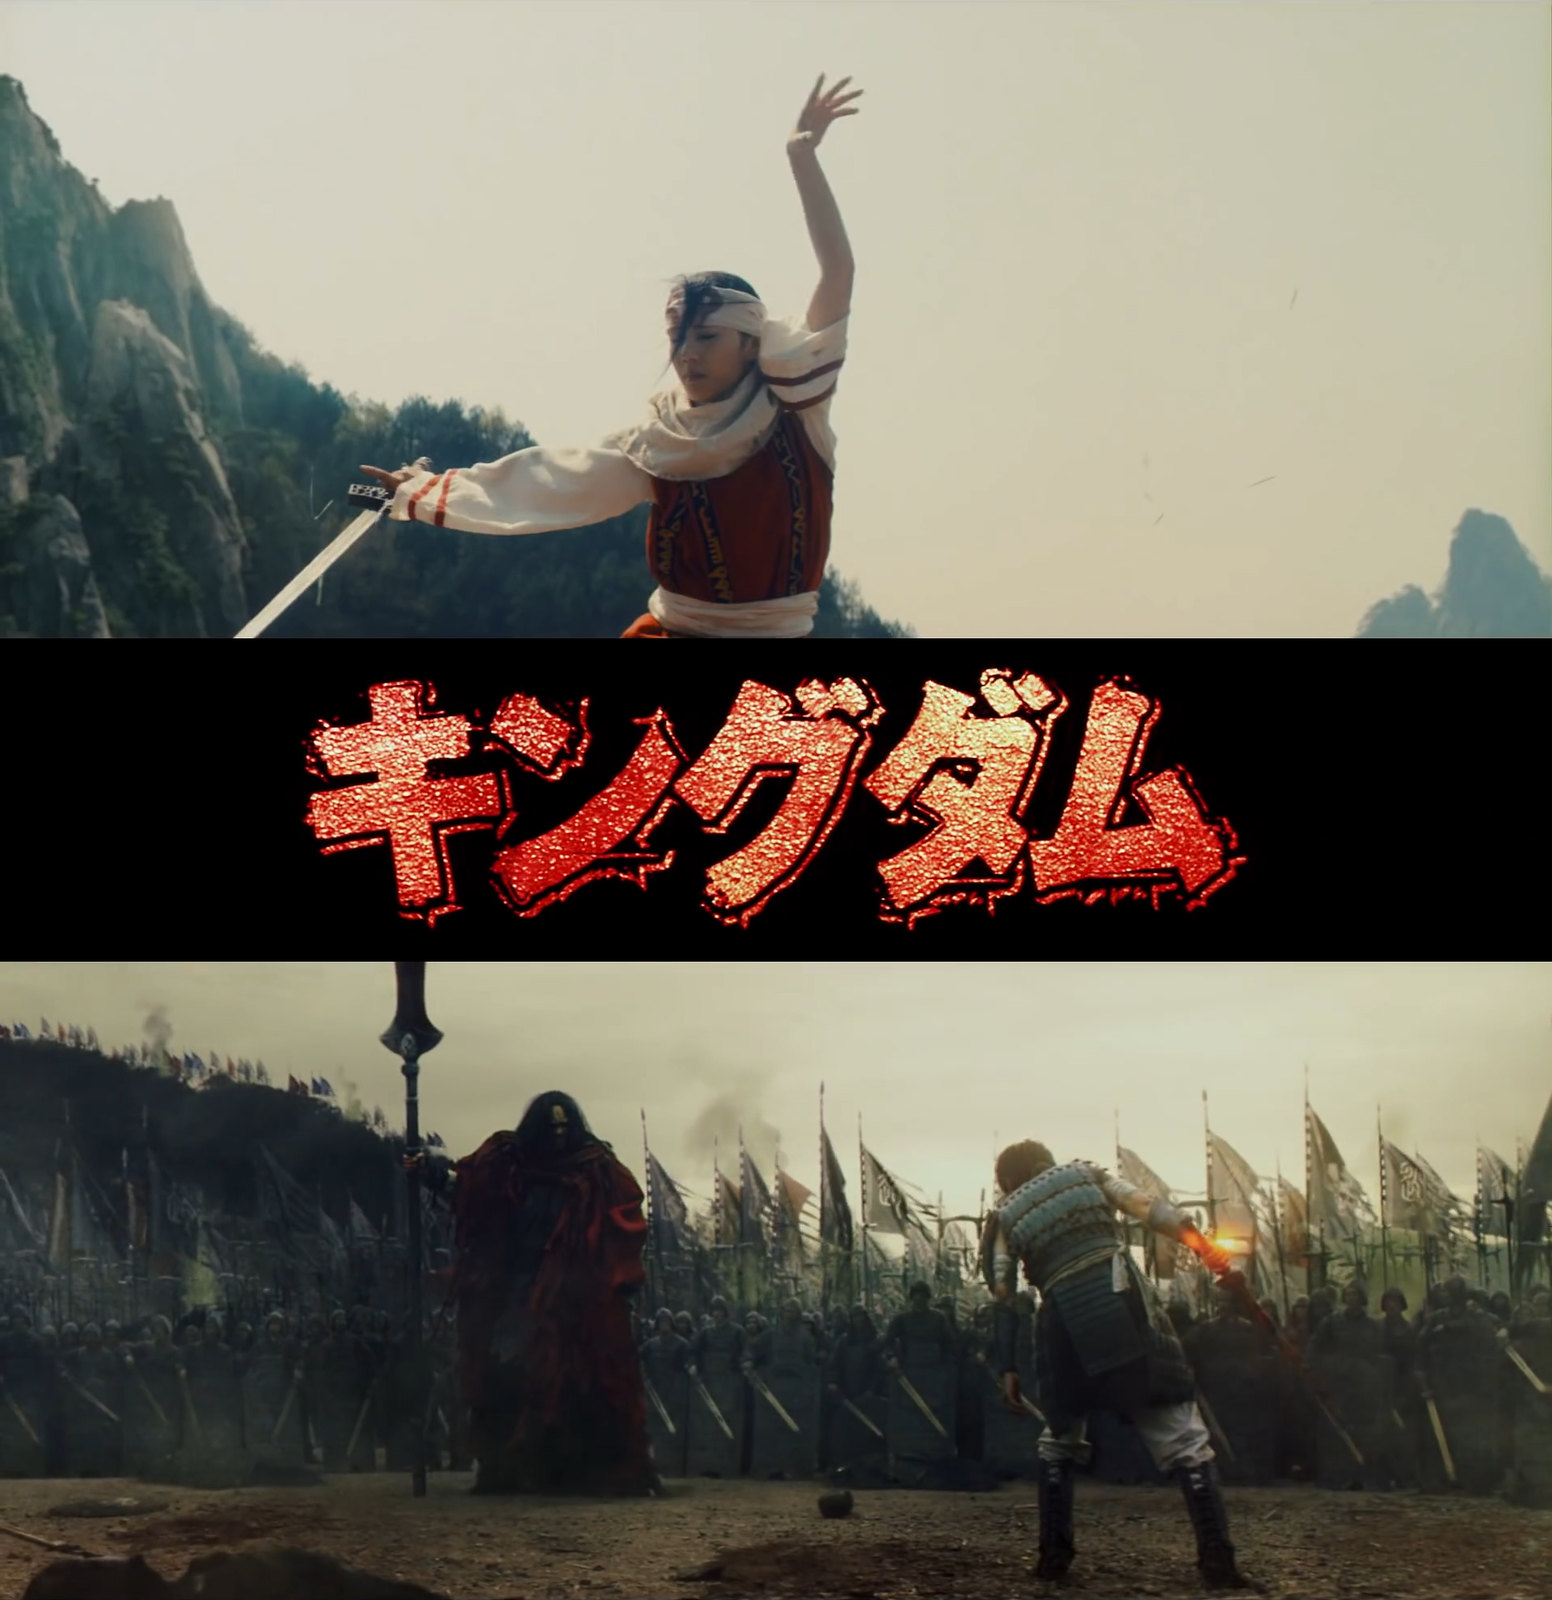 160419(1) -「李信×羌瘣×龐煖」戰場廝殺、漫畫《王者天下》連載10週年紀念『3分鐘微電影』正式公開!